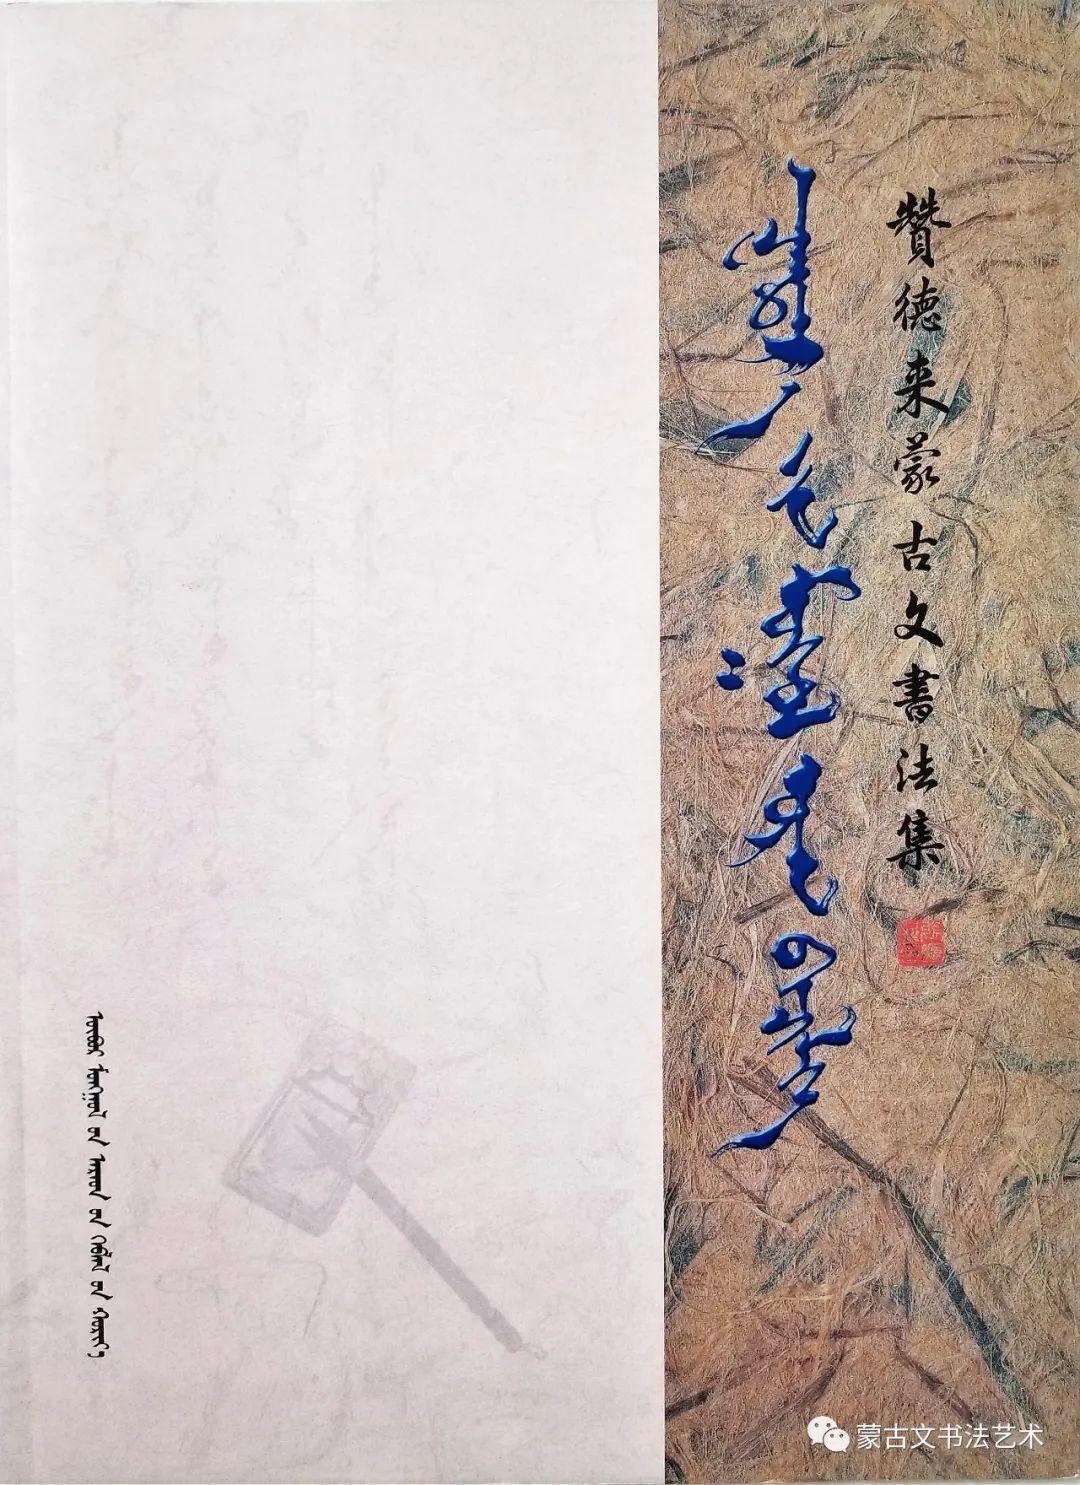 赞得来蒙古文书法集 第2张 赞得来蒙古文书法集 蒙古书法